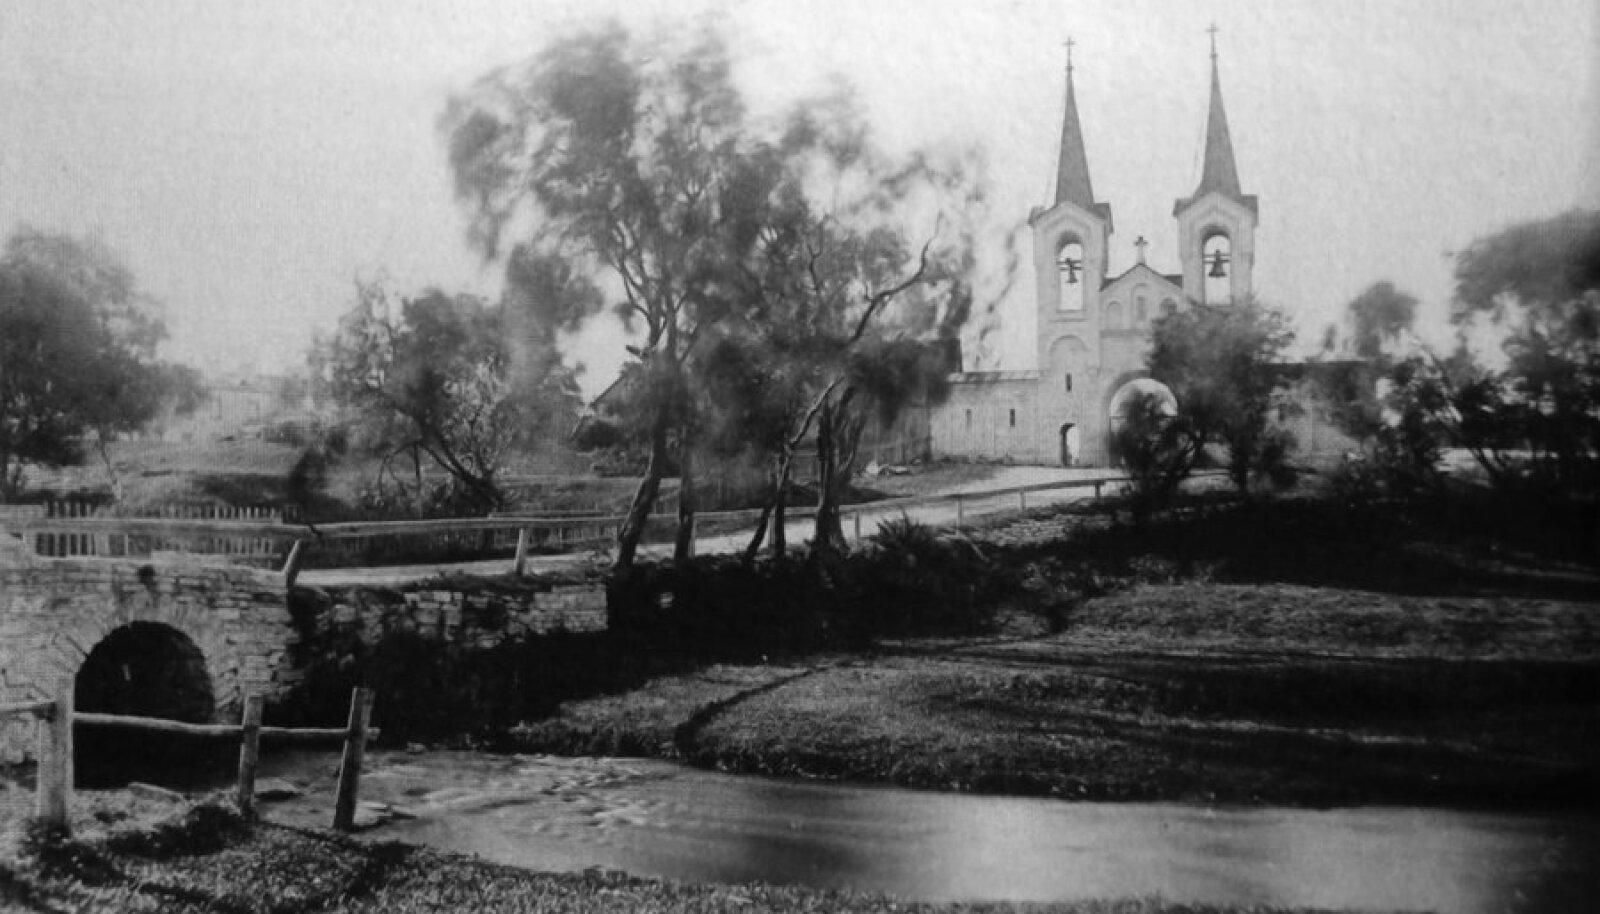 Sild üle Härjapea jõe, taustal Kaarli kalmistu värav, aastast 1889.